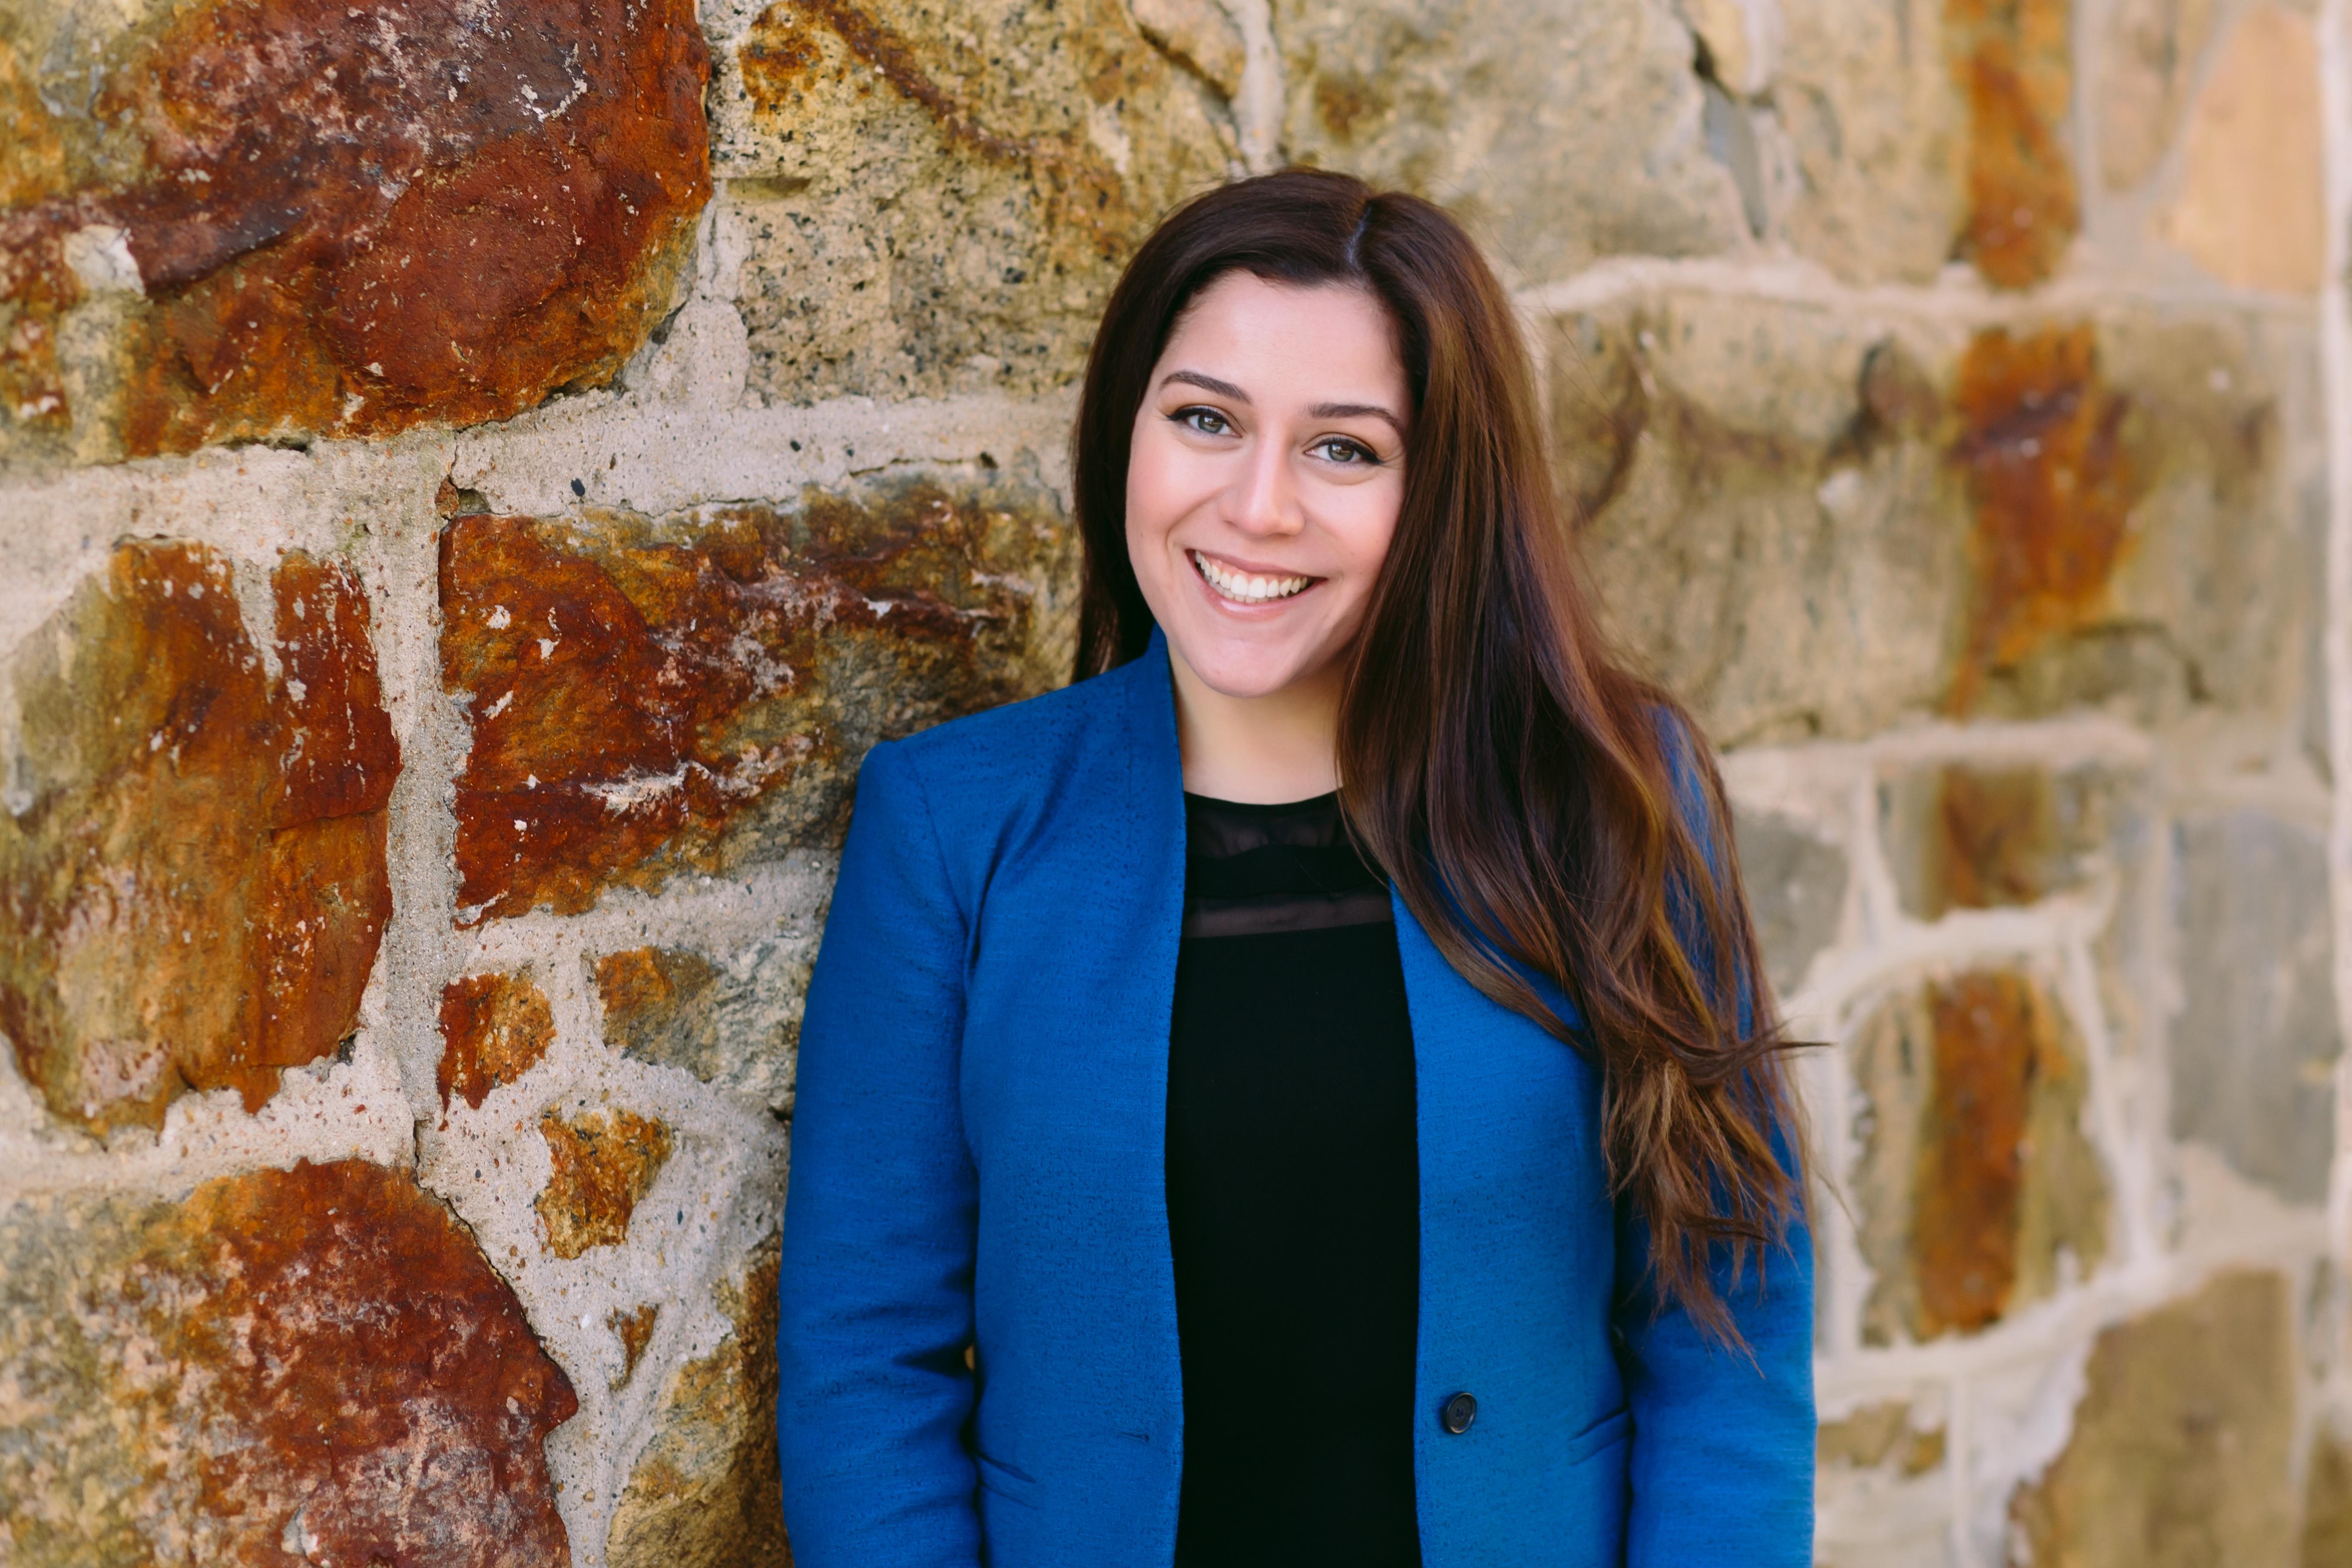 Nicole Bariscillo